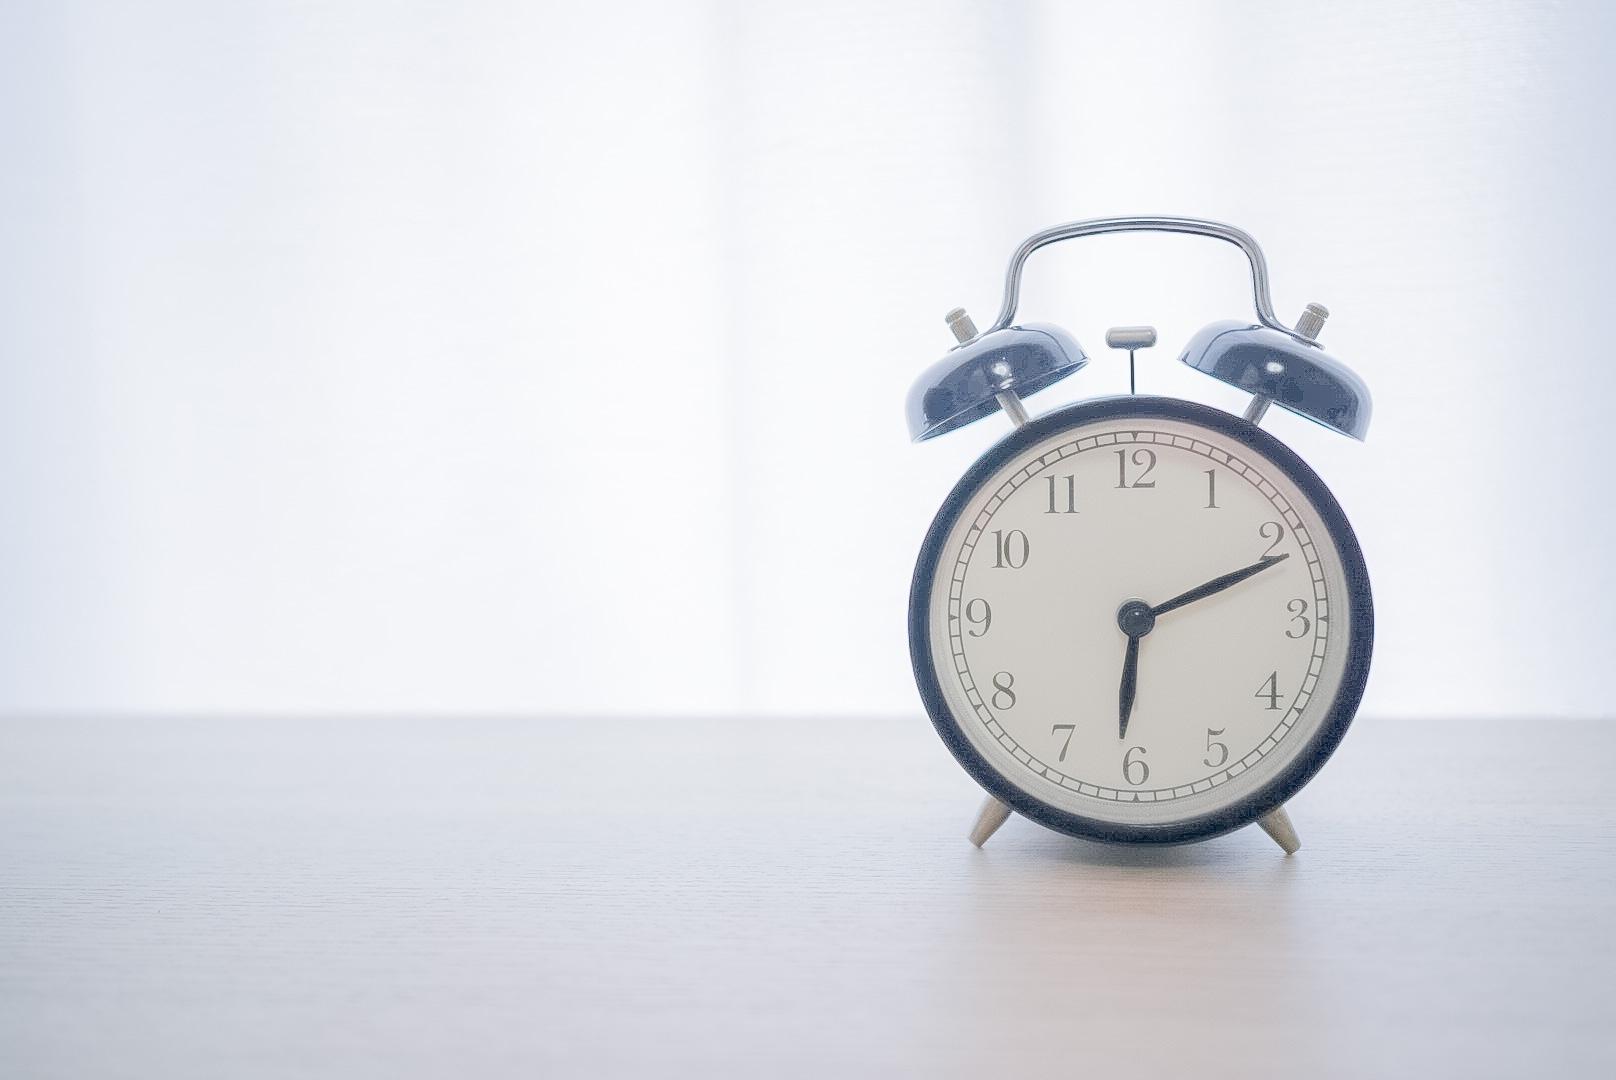 規則正しい生活 時計